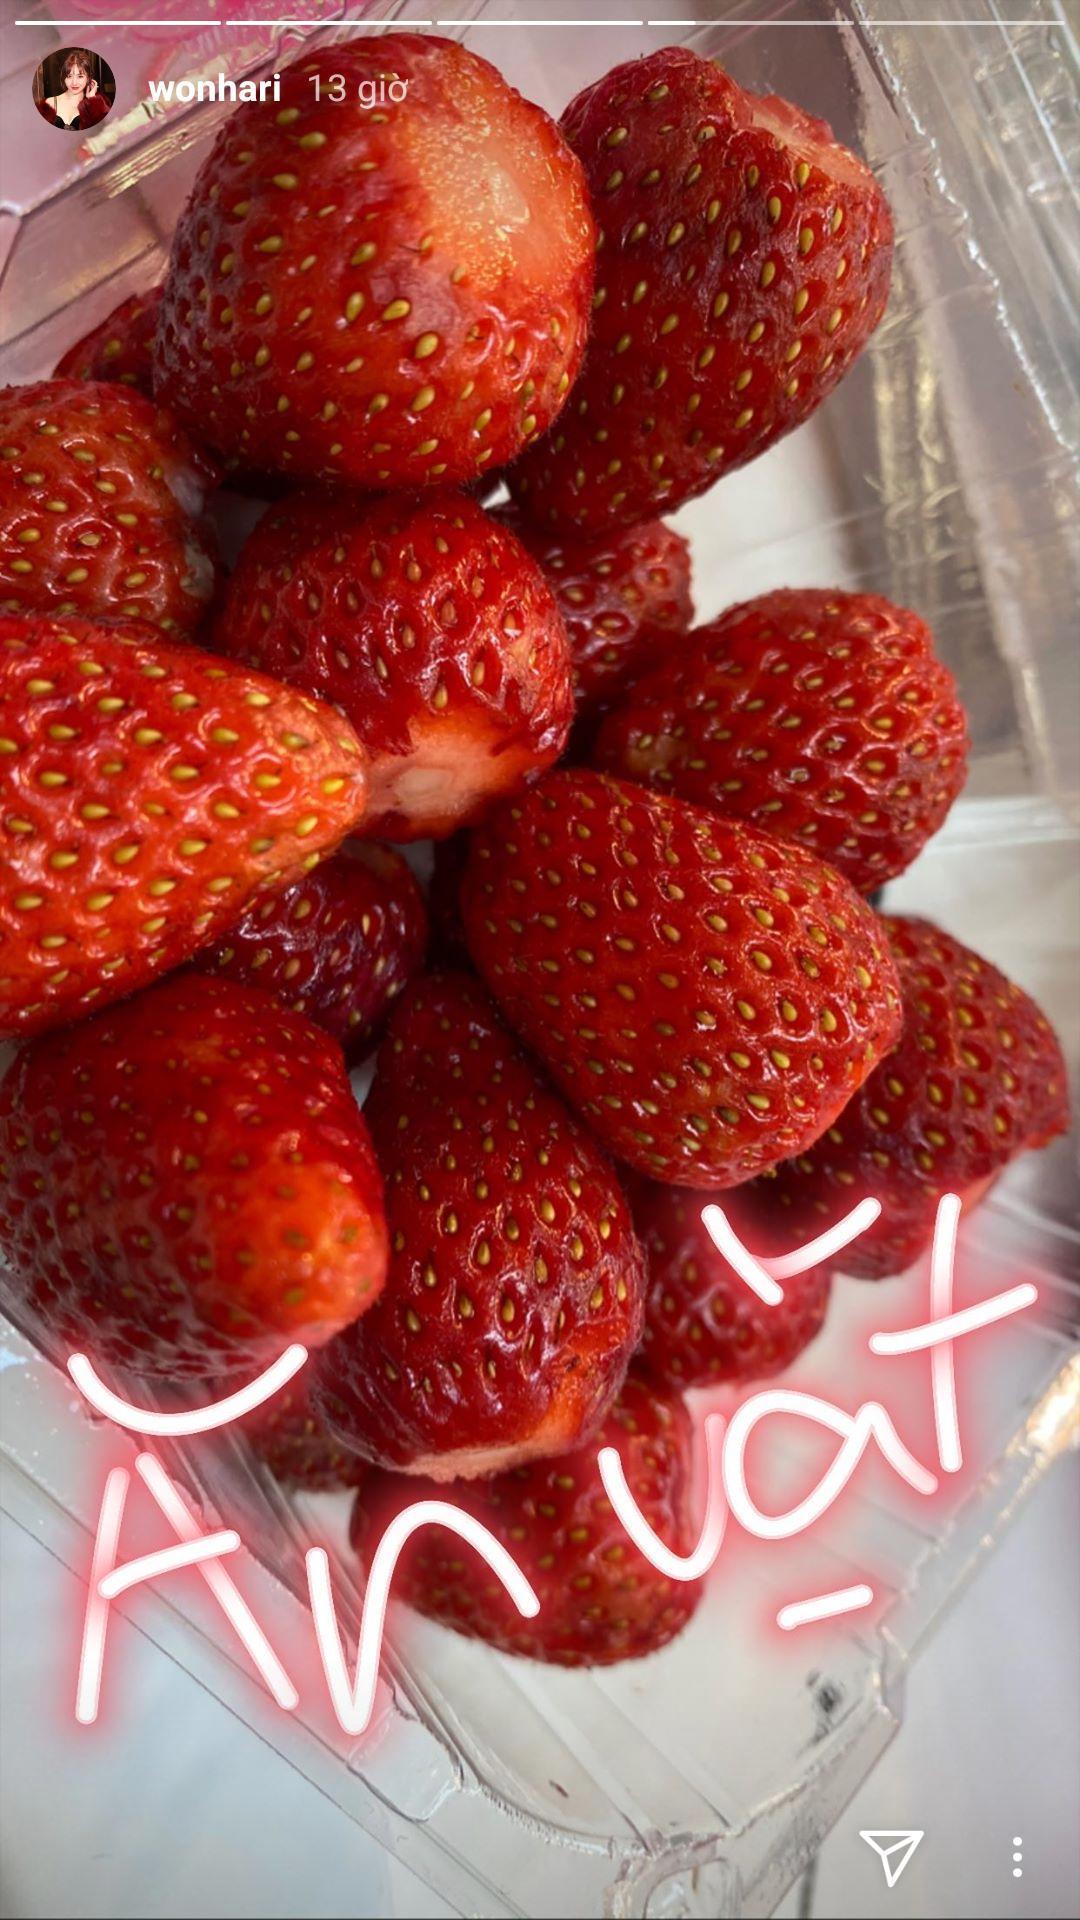 Sao Việt giảm cân nhờ 5 loại hoa quả này, bạn mà học theo thì đến Tết khéo cũng gầy mảnh như họ - Hình 5